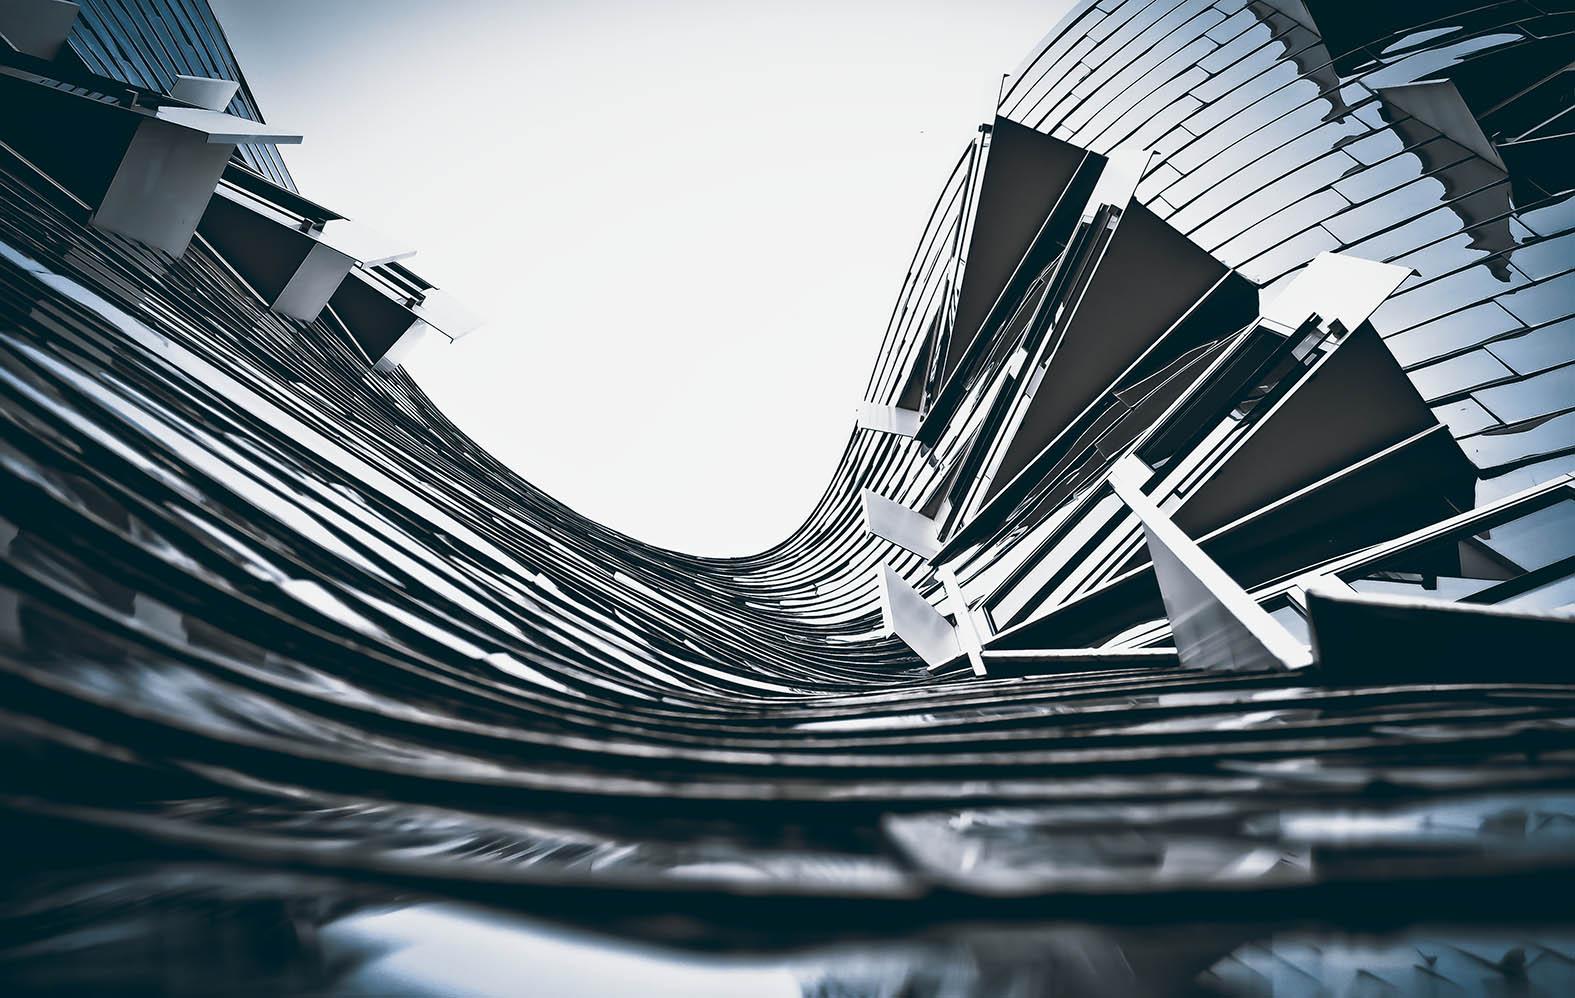 Foto:  https://pixabay.com